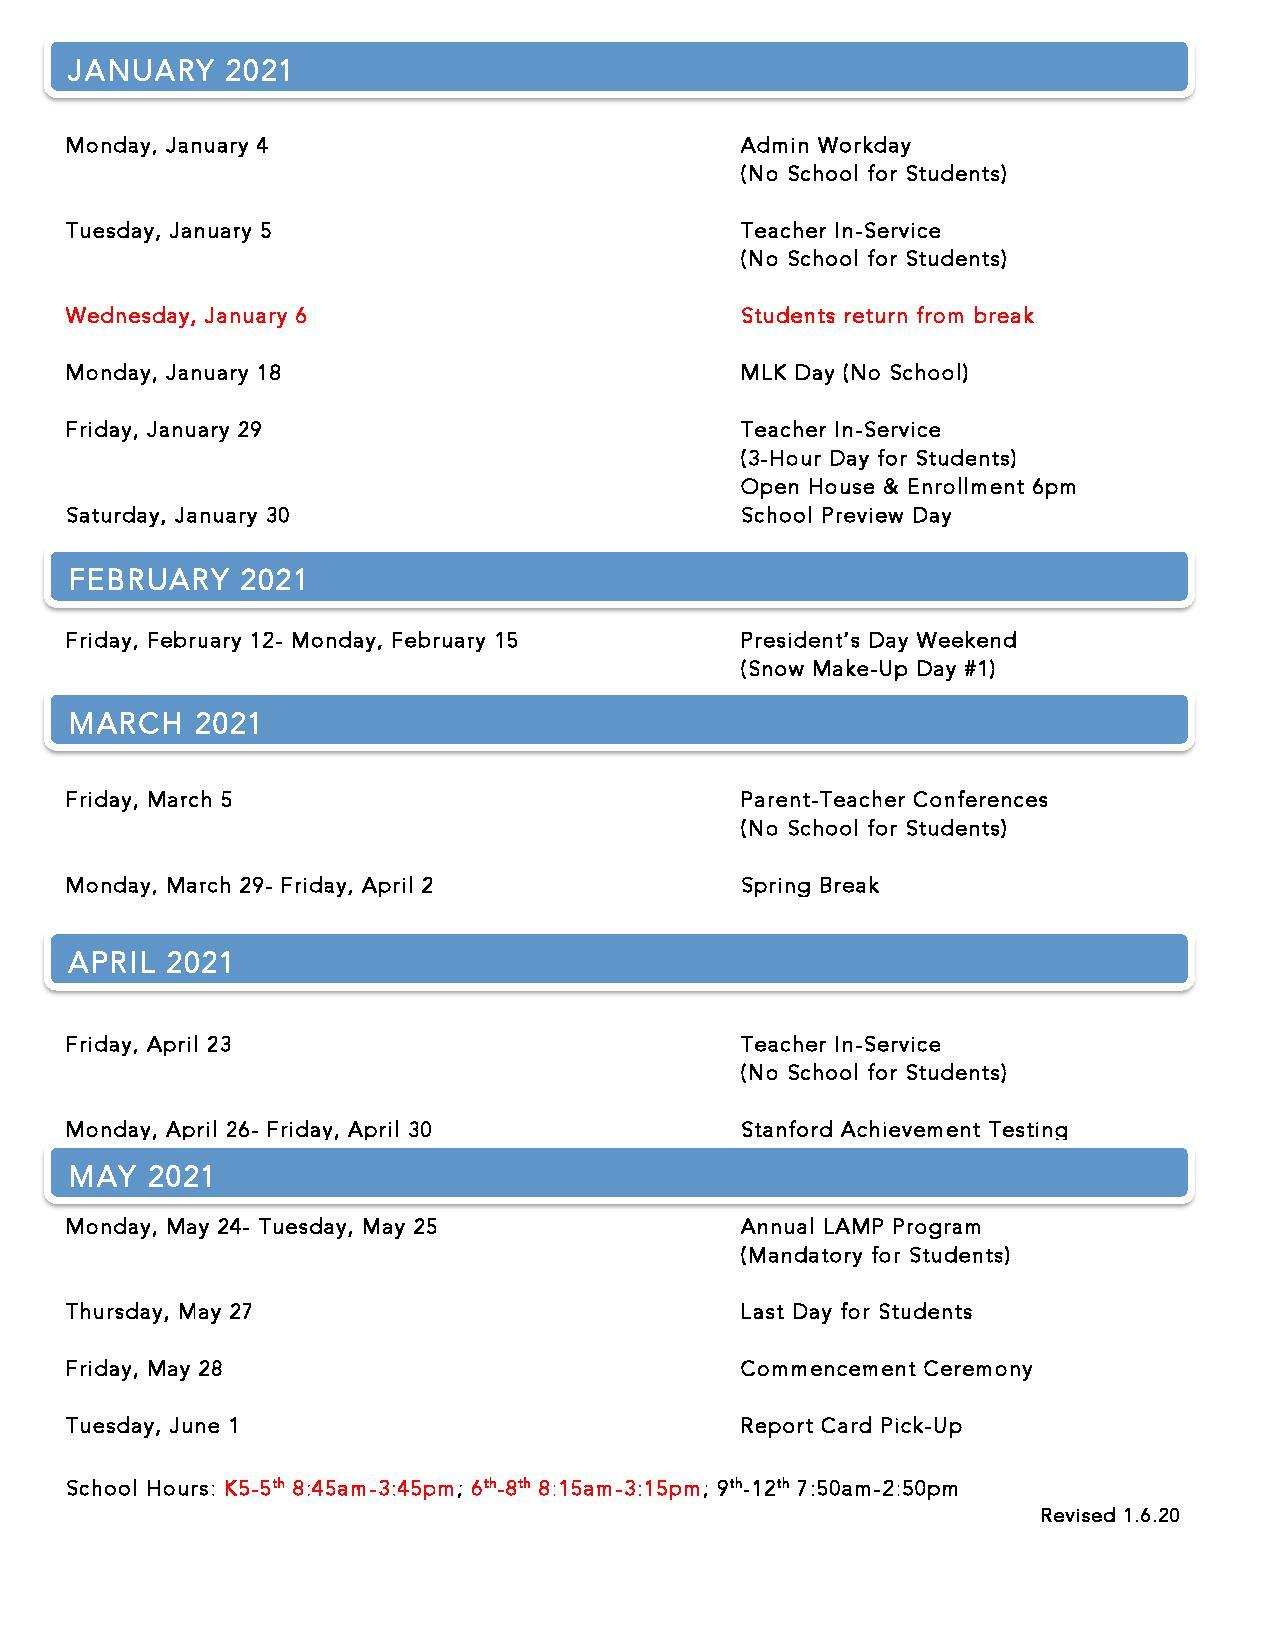 Lca Calendar Throughout Davidson County Tn School 2021 – 2020 Calendar